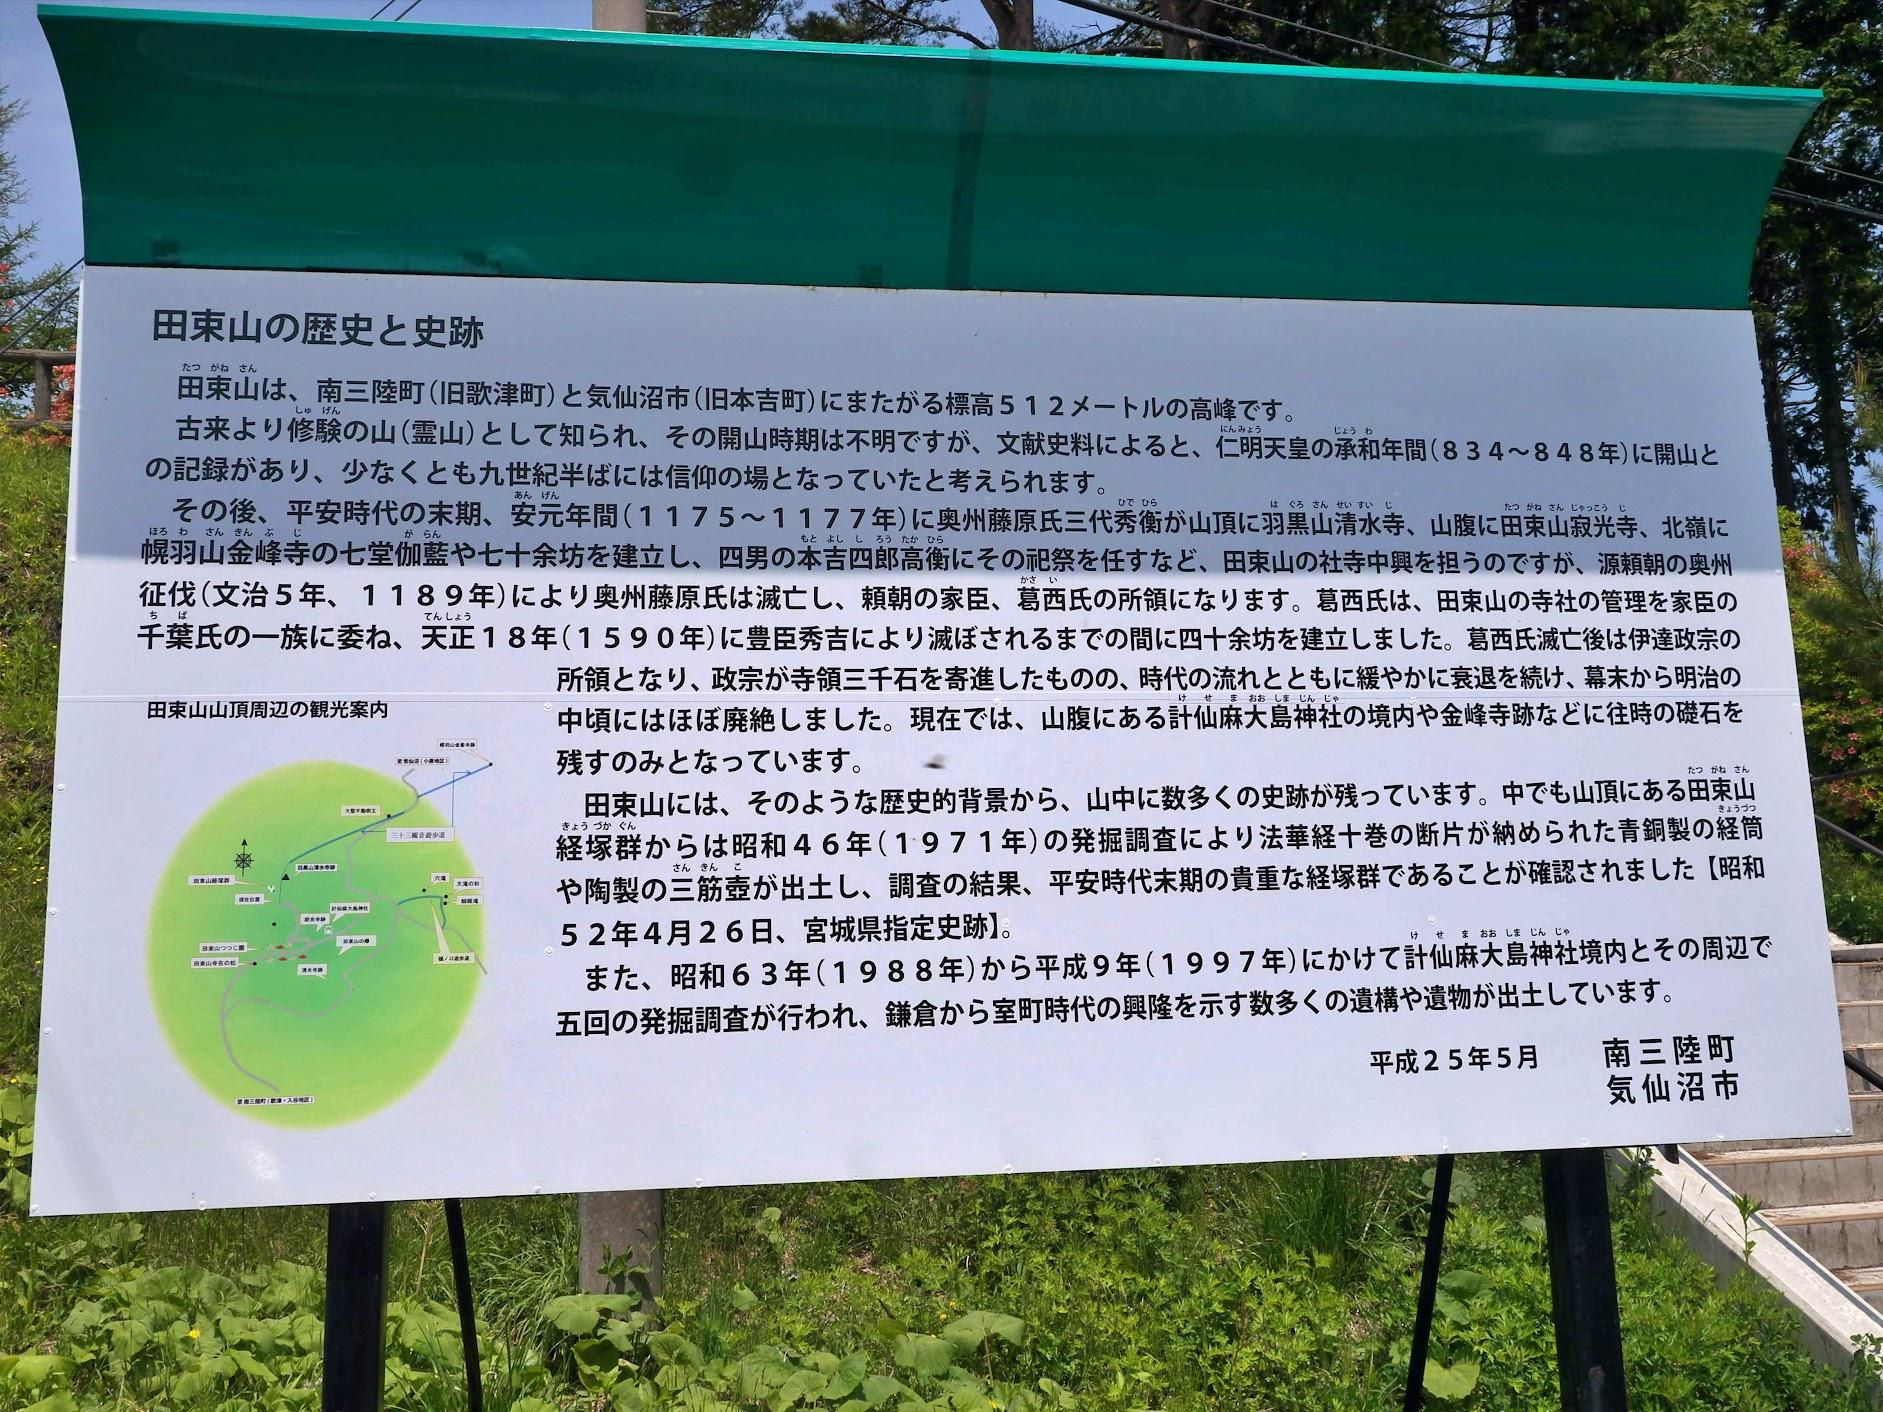 田束山頂付近の開設案内板